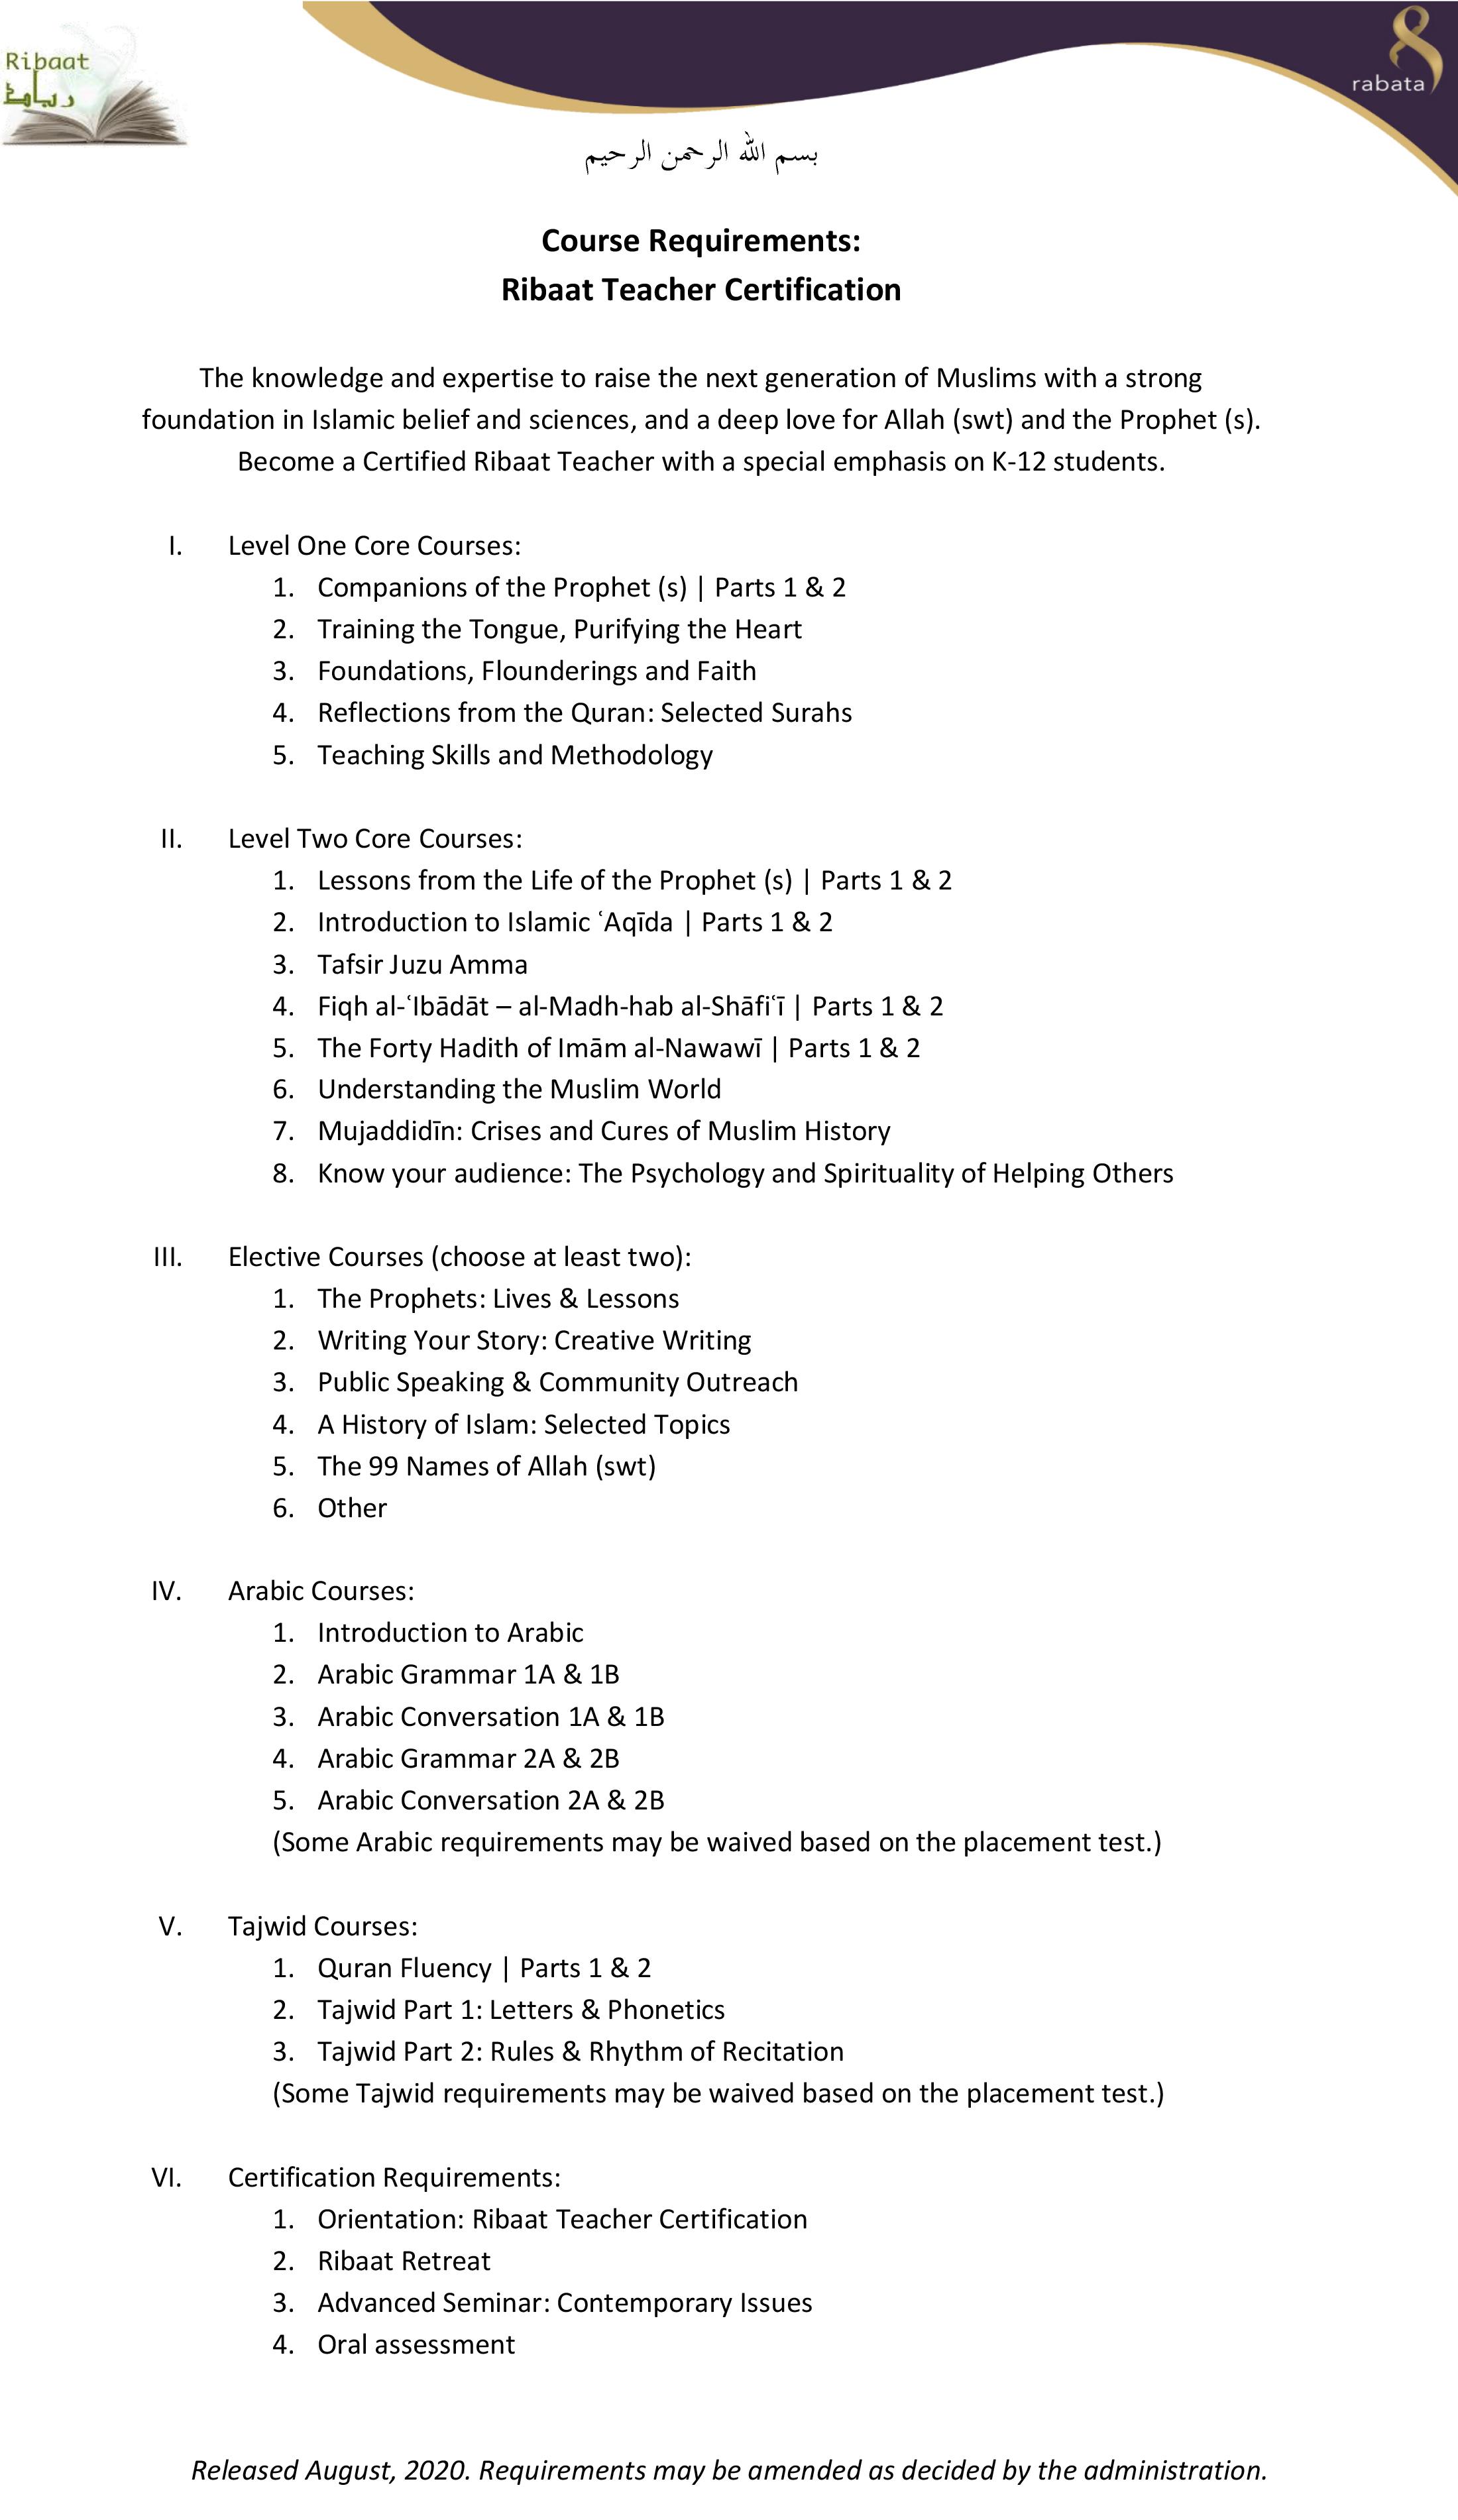 Ribaat Teacher Certification Requirements